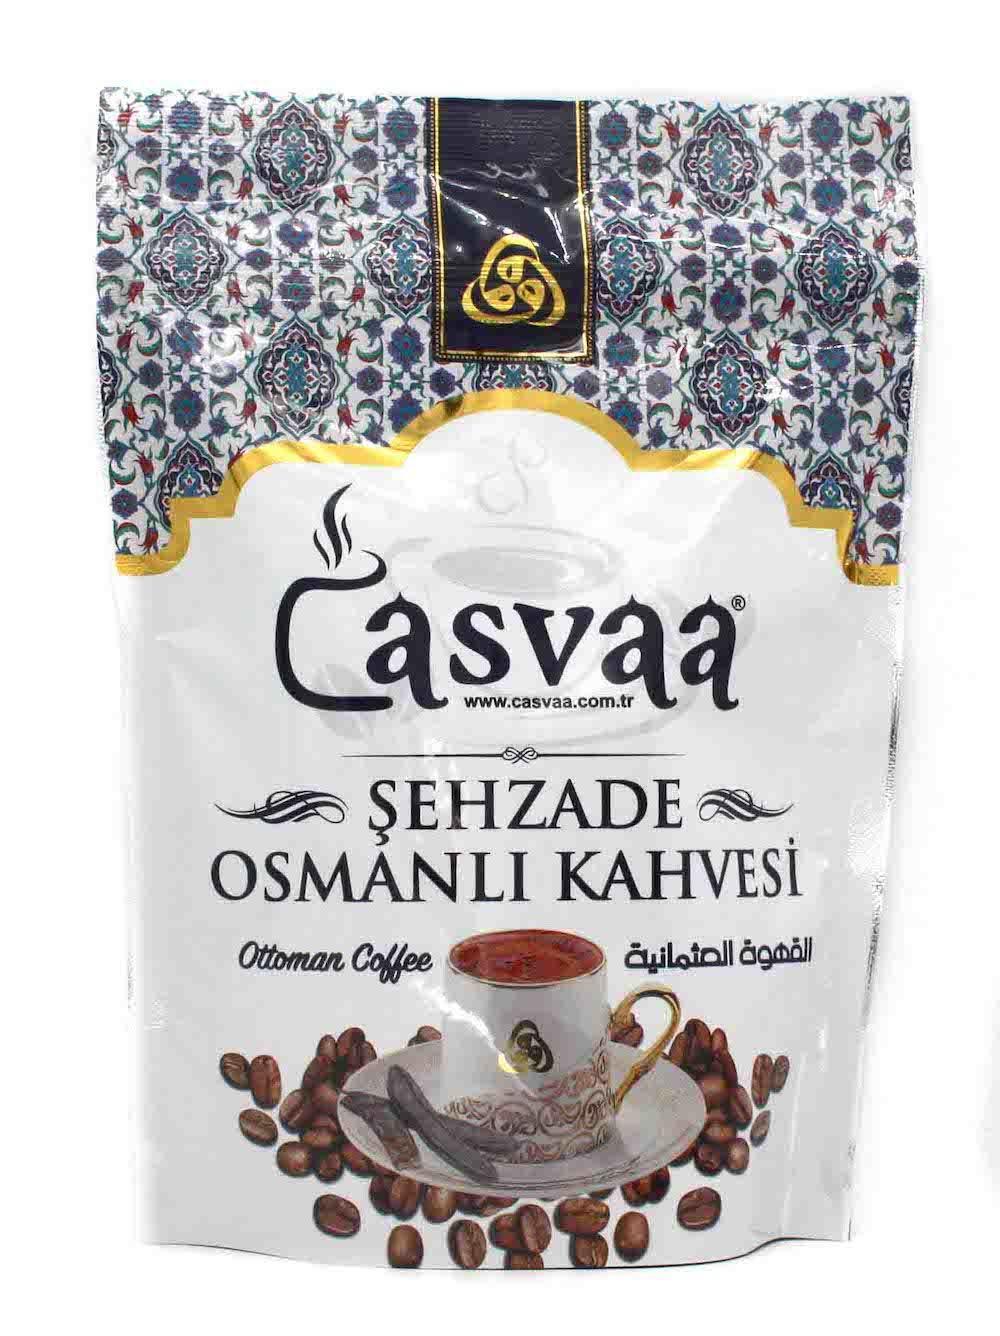 Кофейный напиток Турецкий кофе молотый с добавлением кэроба и кардамона, Casvaa, 200 г import_files_b4_b4e4e9e23ea211eba9db484d7ecee297_91422d94406011eba9db484d7ecee297.jpg